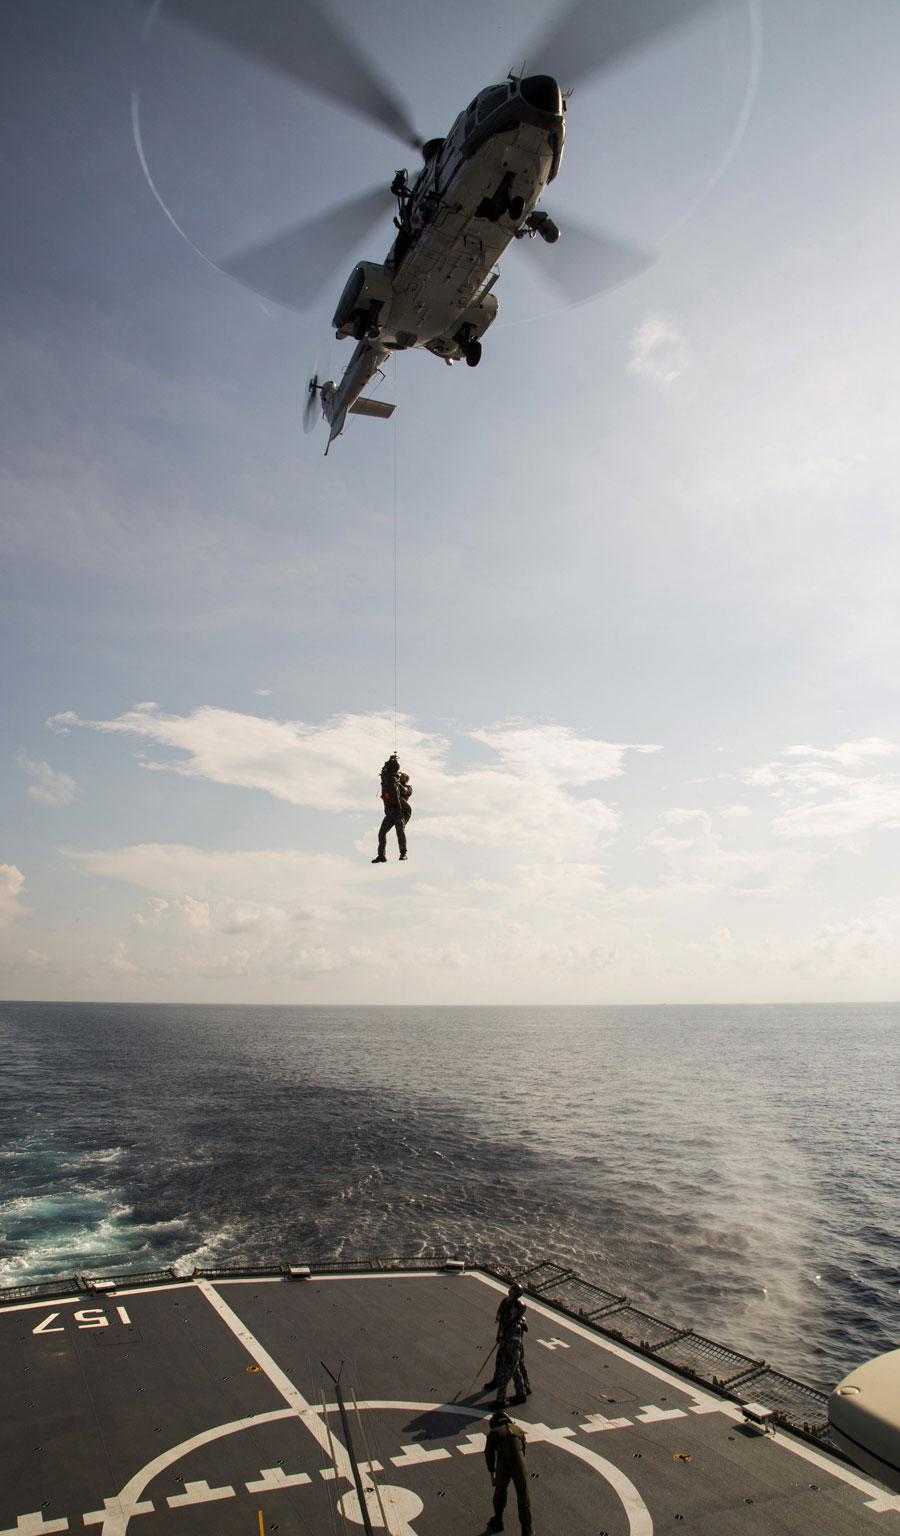 Wśród zadań Super Pum i Cougarów jest także wsparcia cywilnych służb porządku publicznego. Fot. Ministerstwo Obrony Australii.